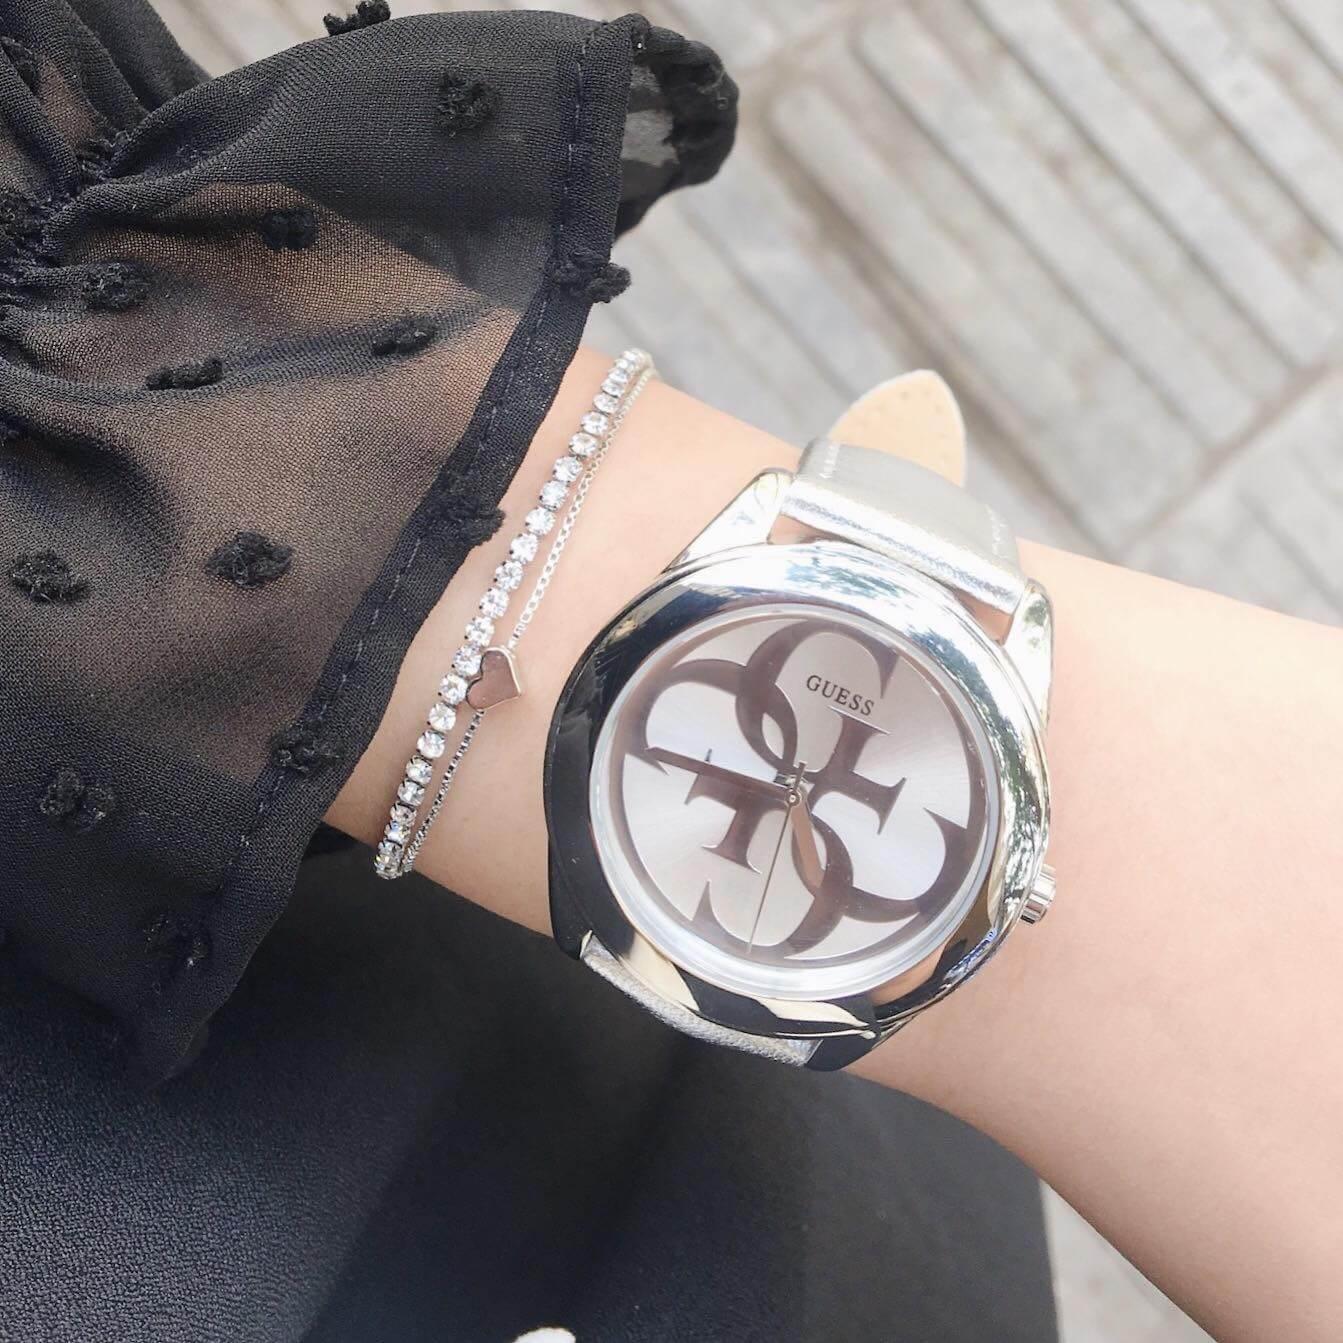 đồng hồ nữ thương hiệu guess